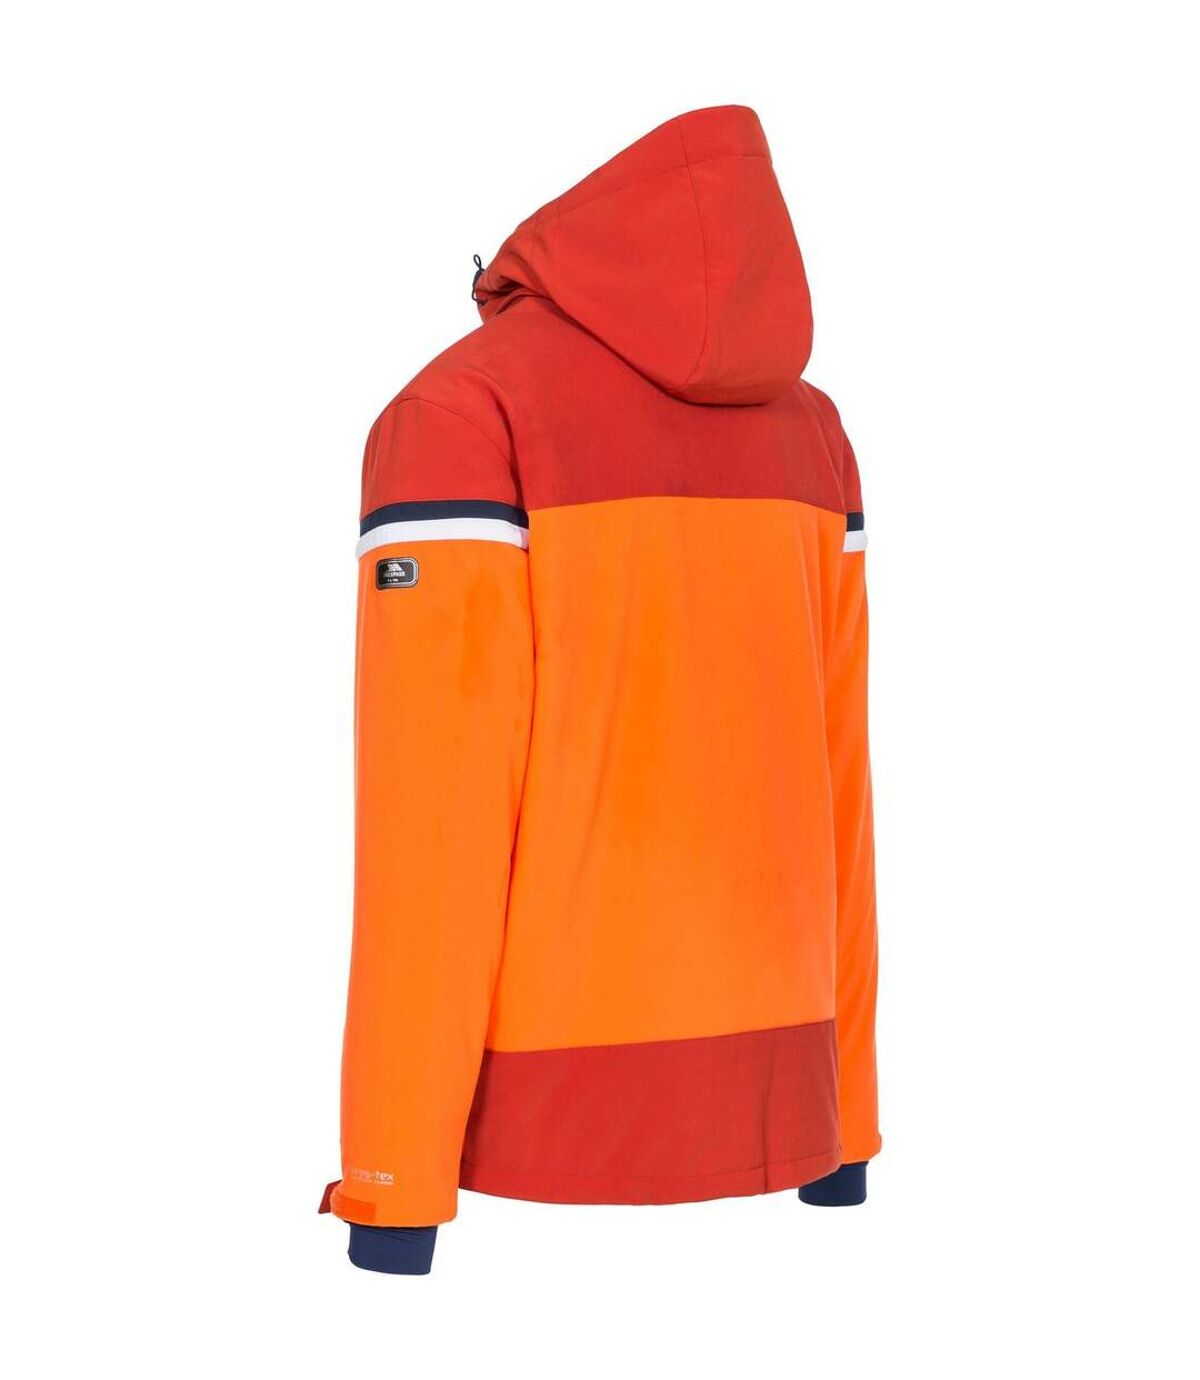 Trespass - Veste softshell de ski LI - Homme (Orange) - UTTP5134